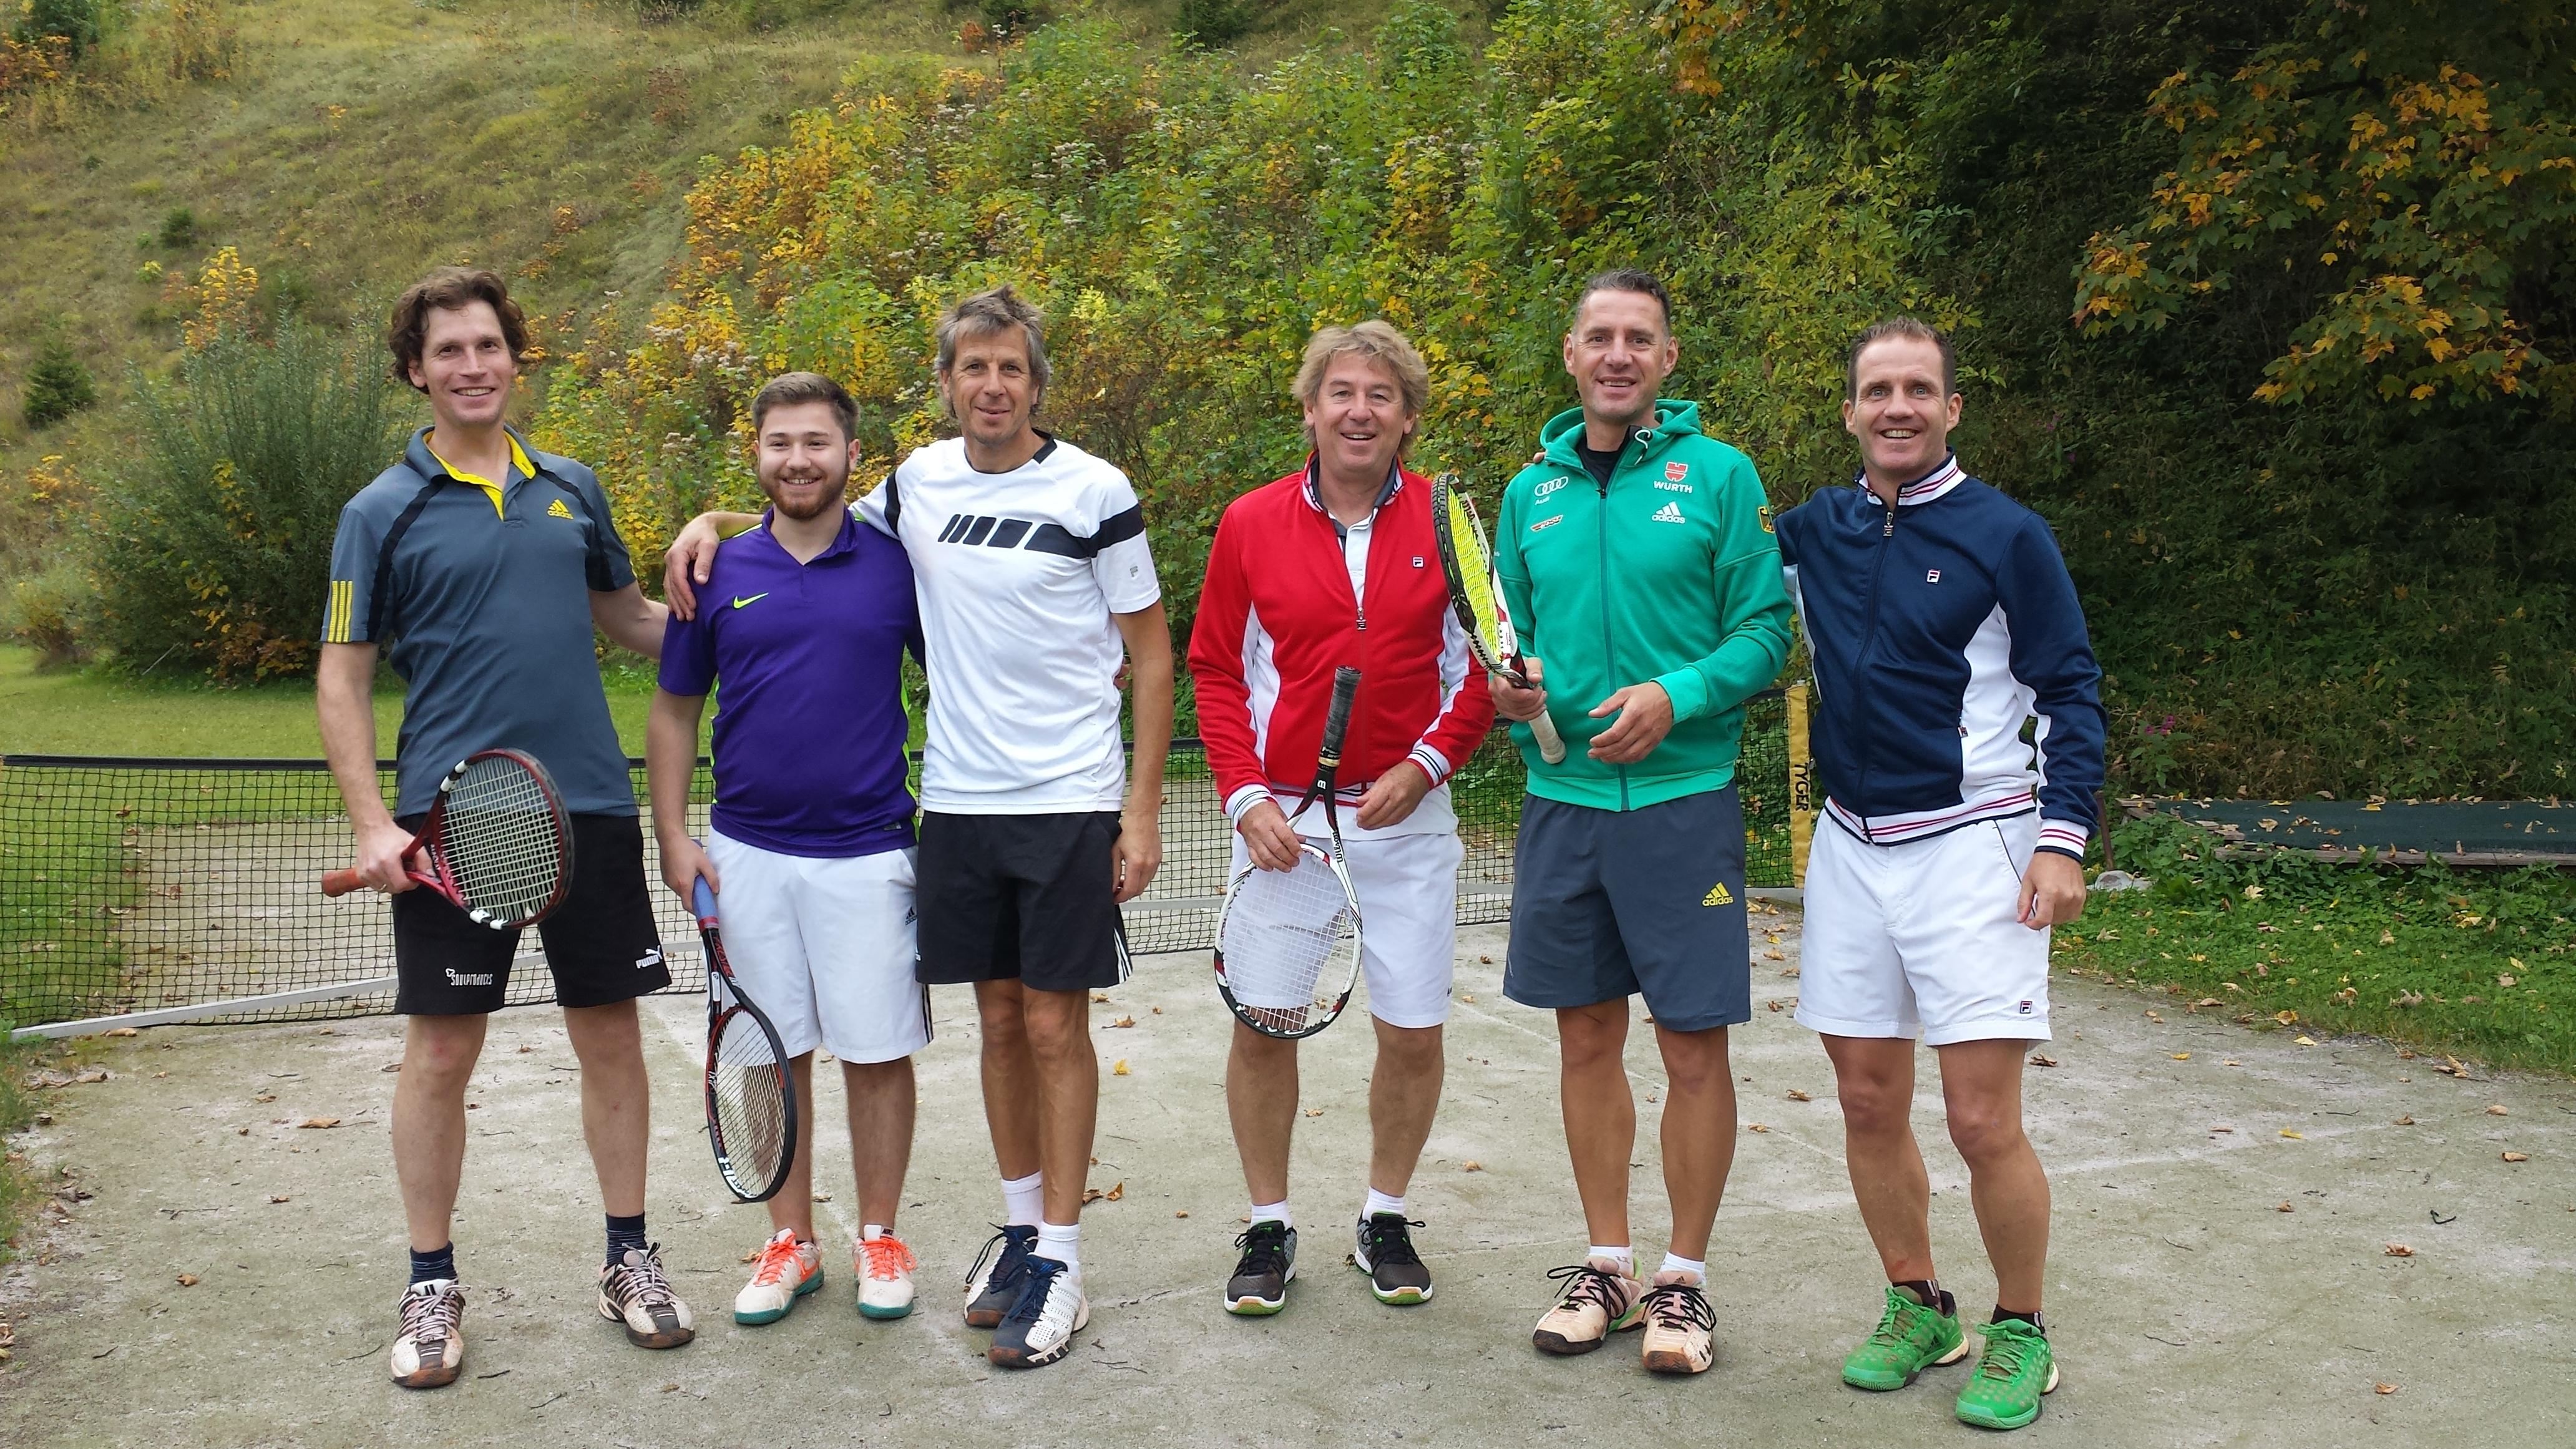 Endspiel der Einzel Clubmeisterschaft ist am 09. Oktober